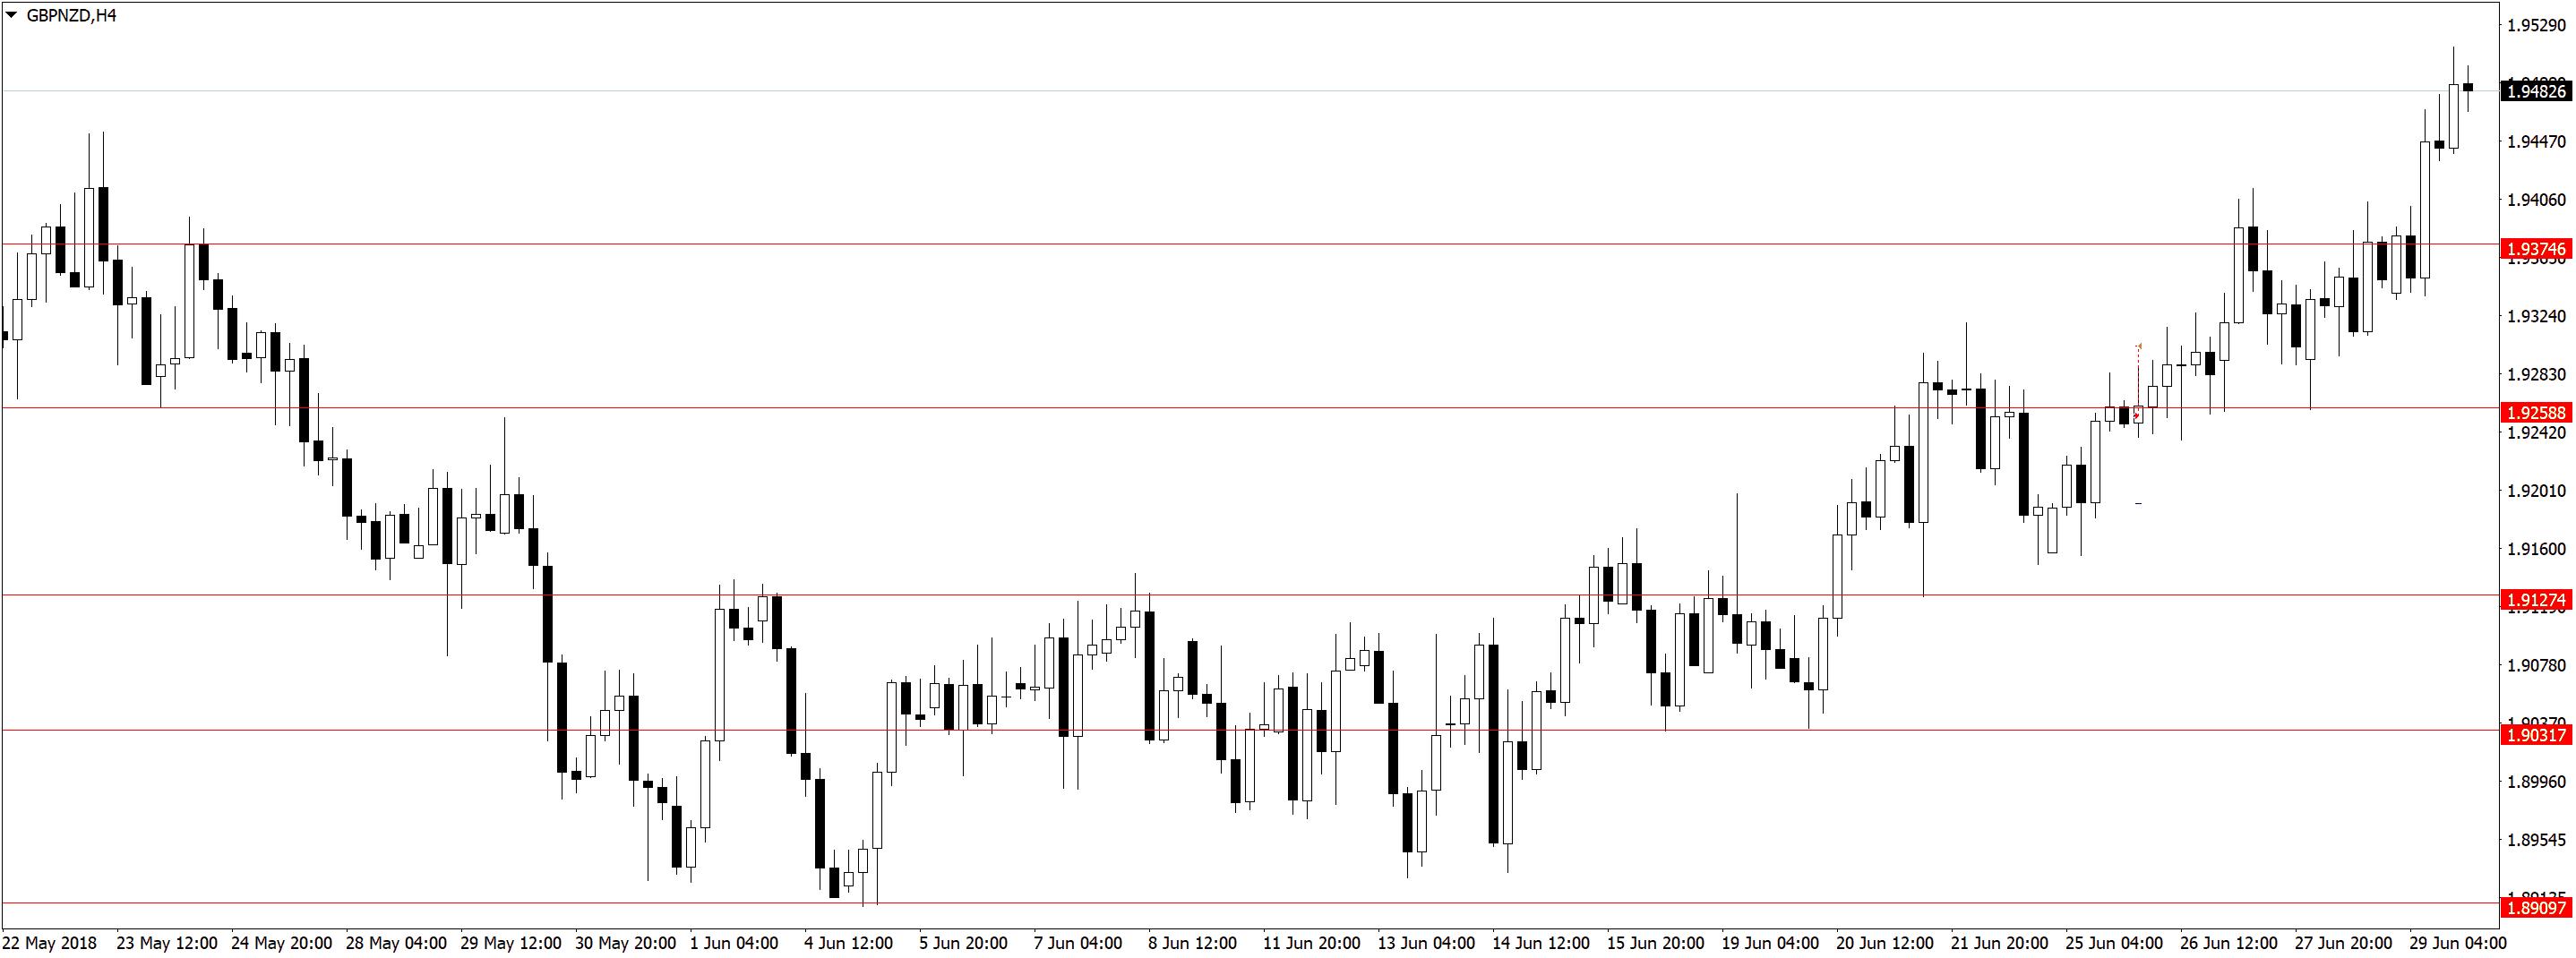 GBPNZDH4 1 Торговля по дневным графикам, ложные пробои и прайс экшен